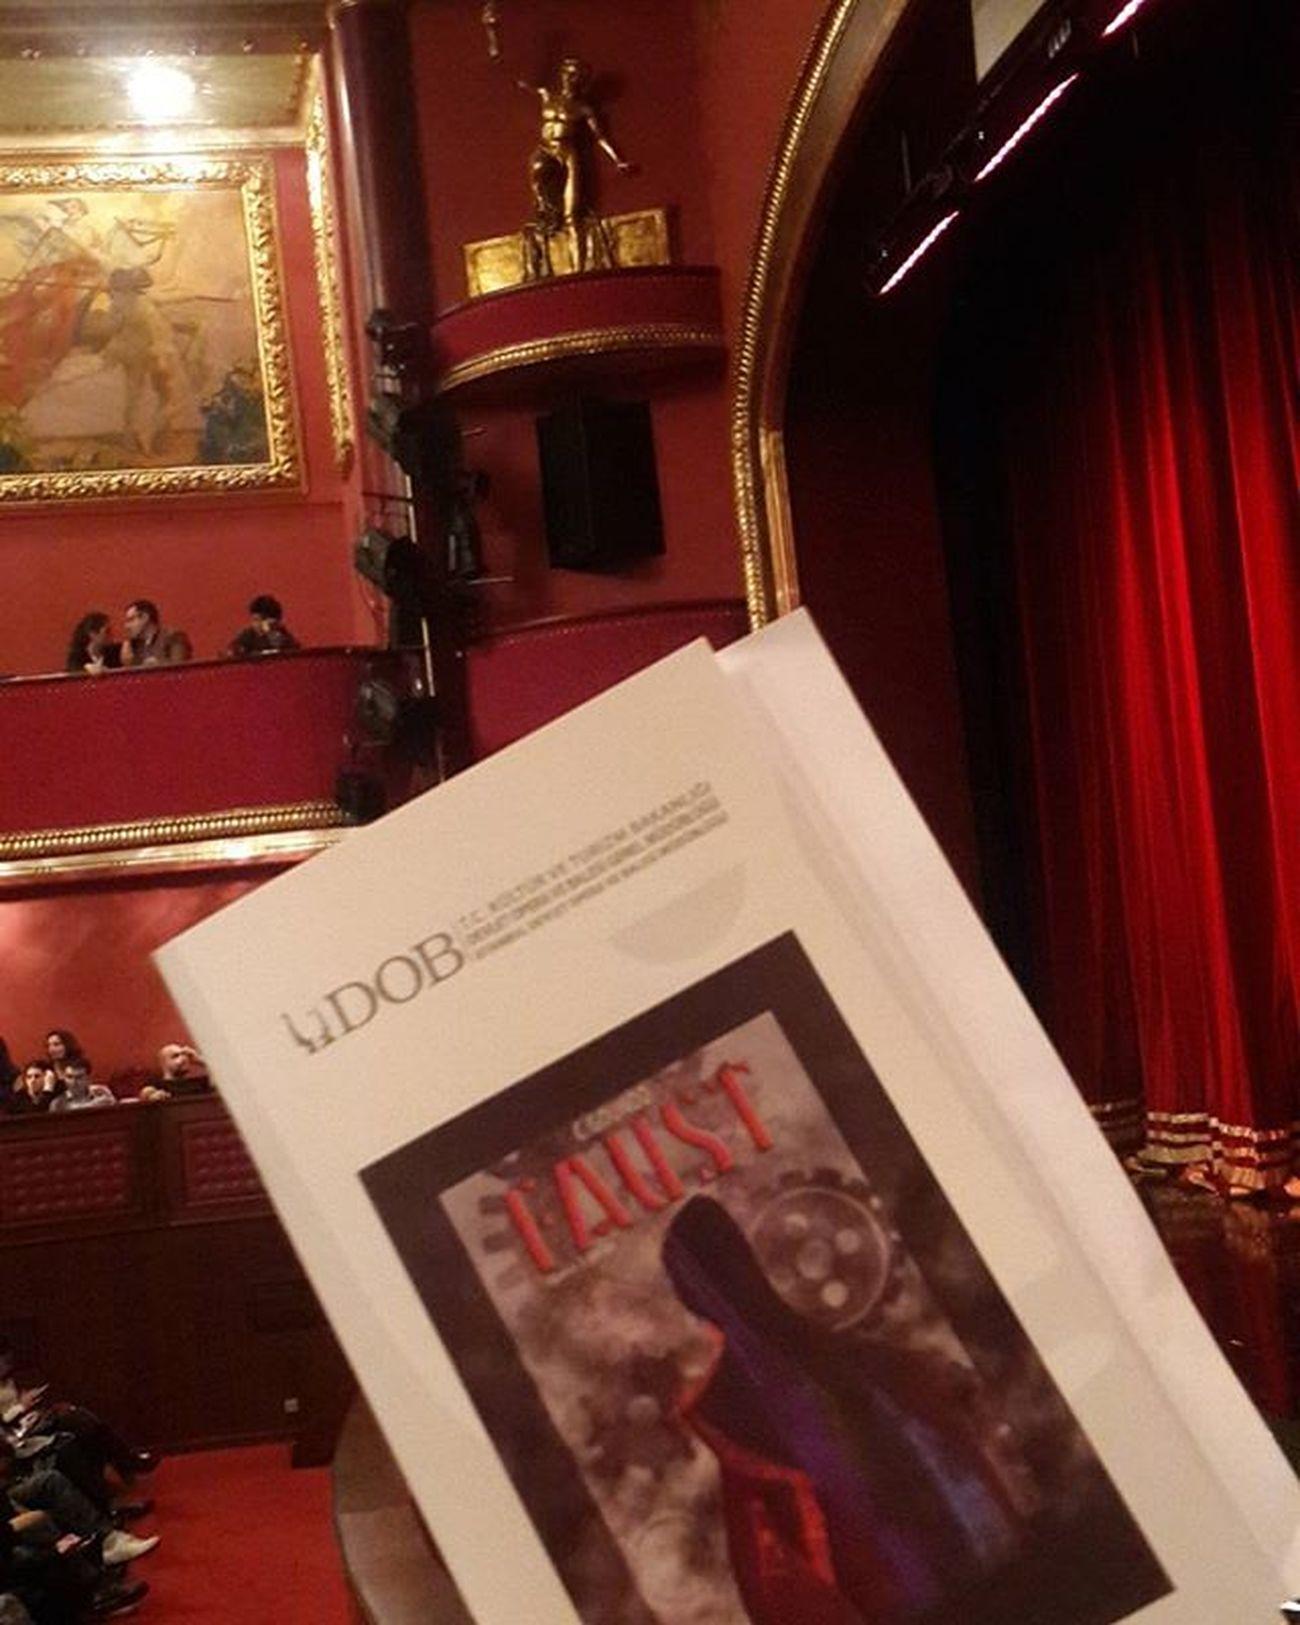 Uzun uğraşlardan sonra bilet alabildiğimiz ve gelmeyi başarabildiğimiz Faust 😄 Fransızca olduğunu bilmiyordum ama... 😂 Devletoperavebalesi Goethe Opéra Music Art Stage Müzik Instaturkey Instagramers Turkishfollowers Ig_turkey